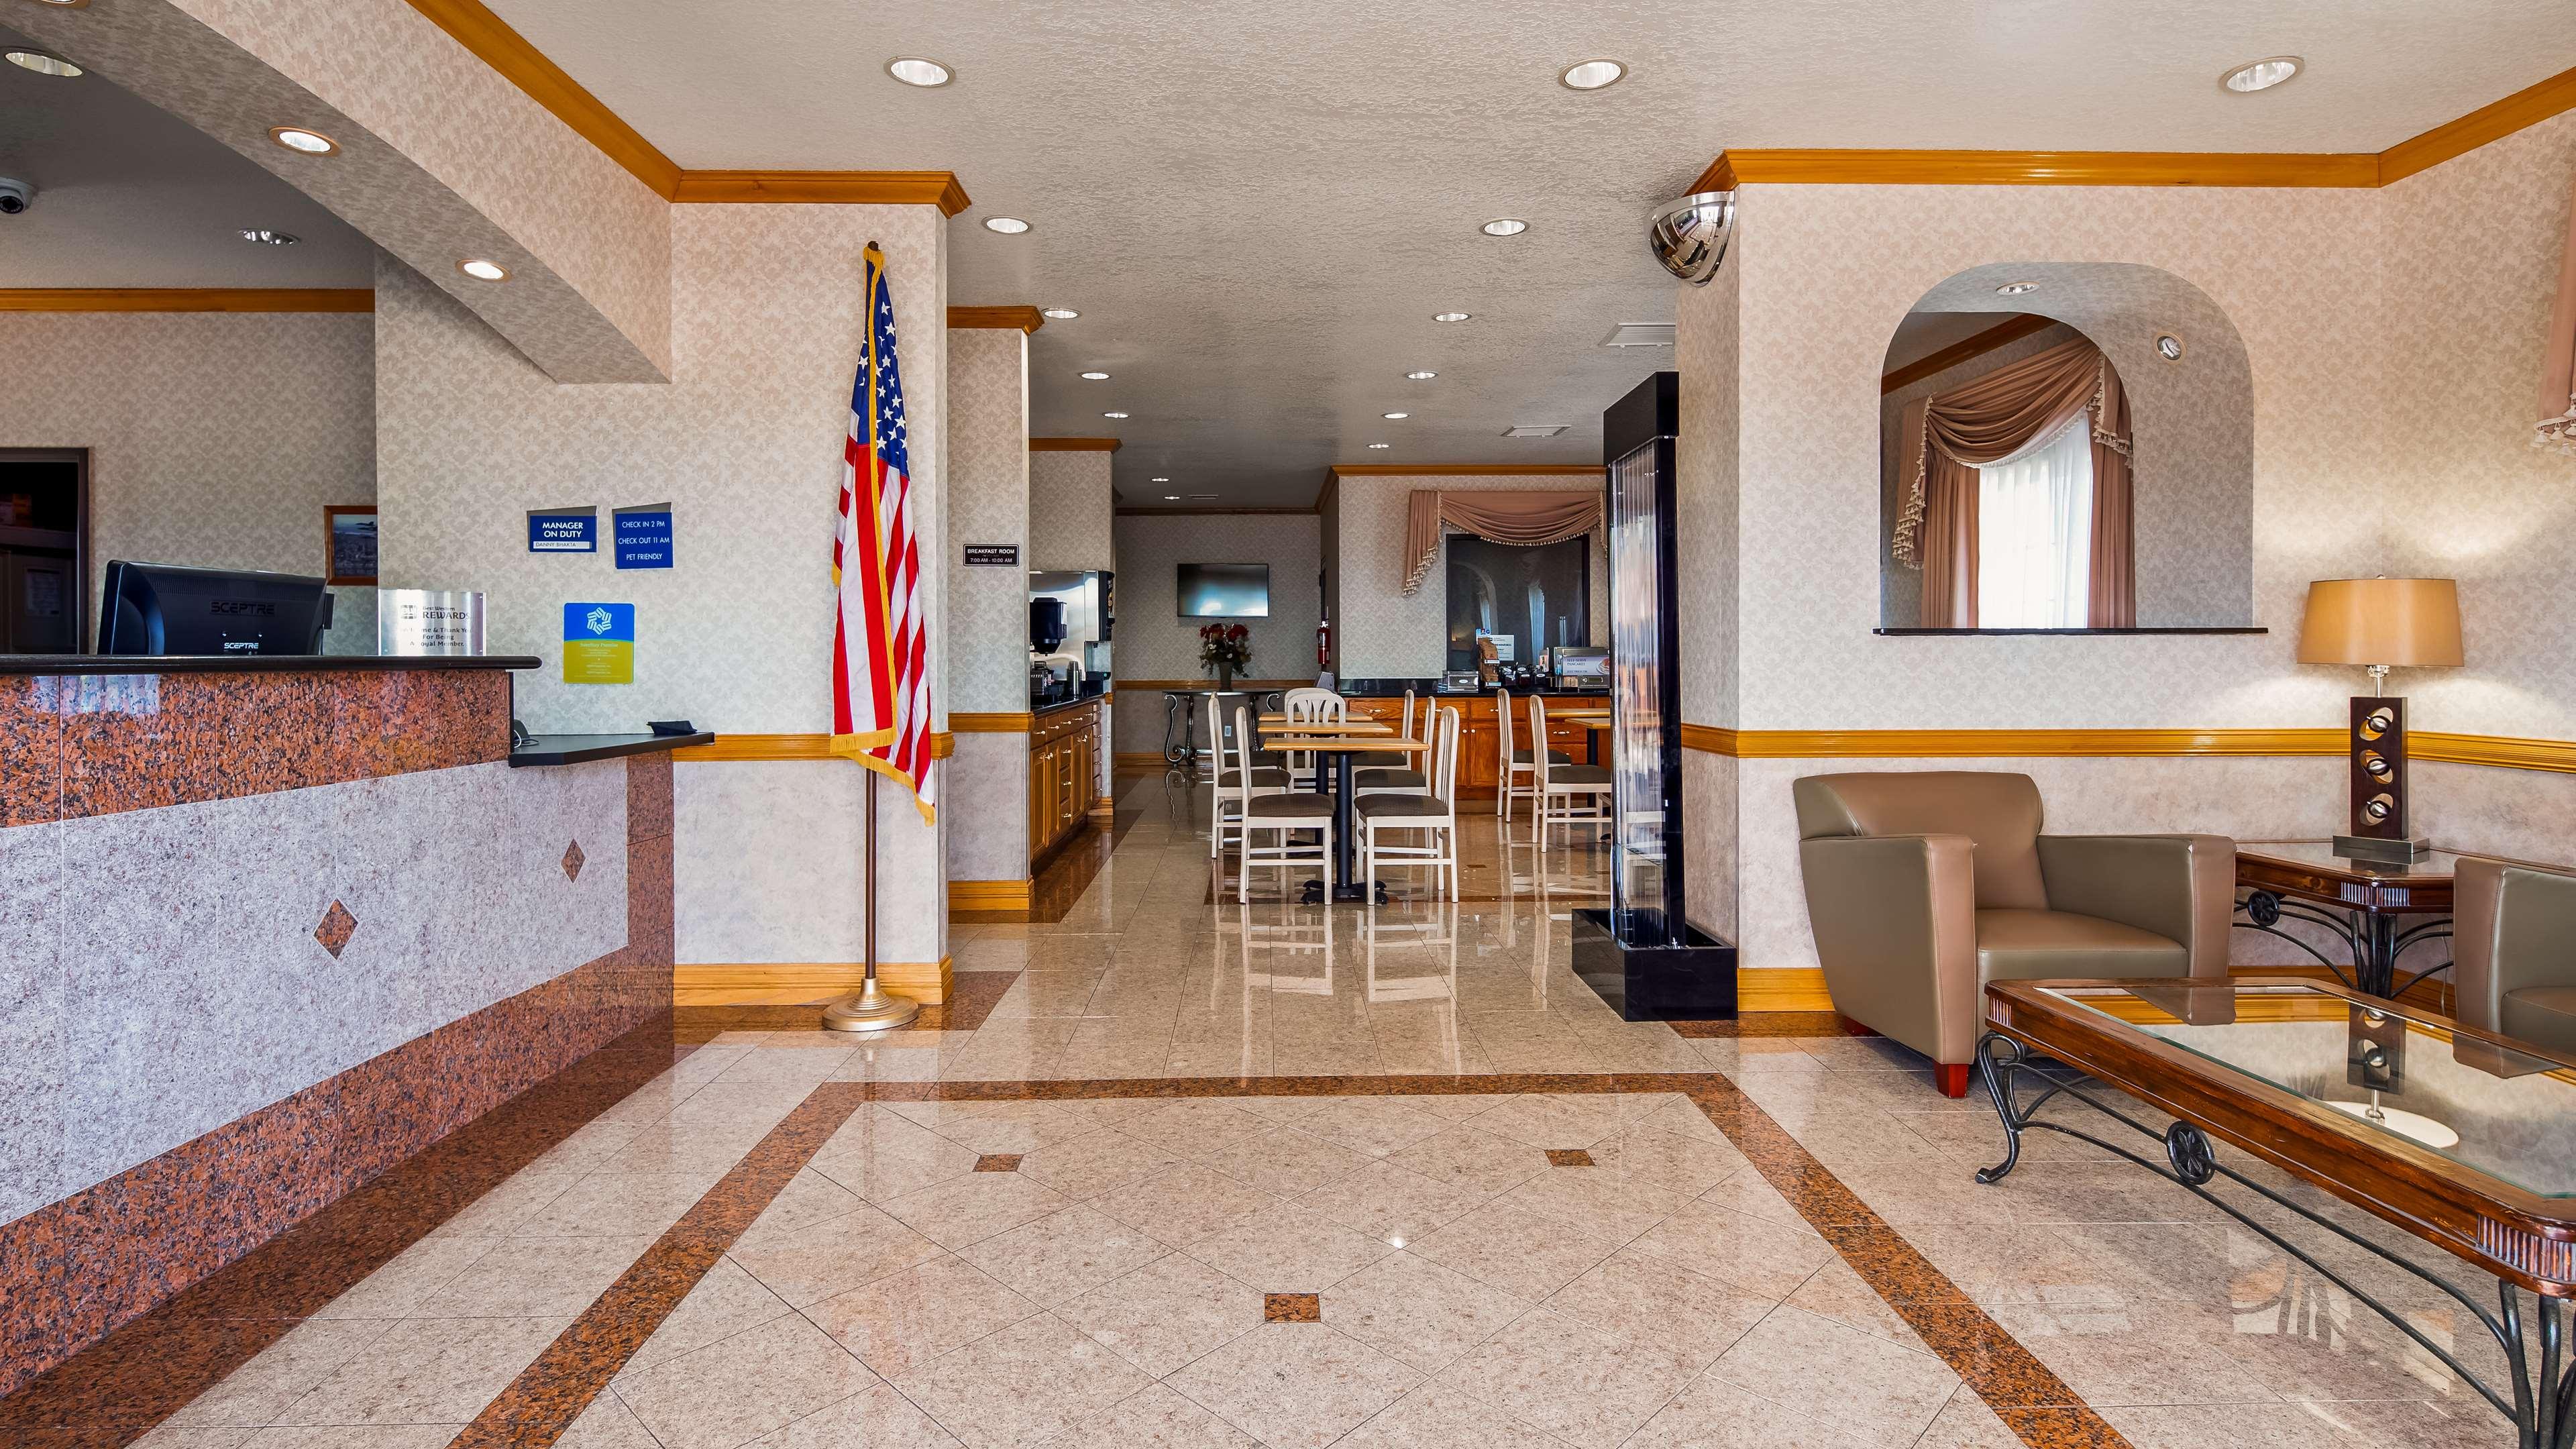 SureStay Hotel by Best Western Falfurrias image 21